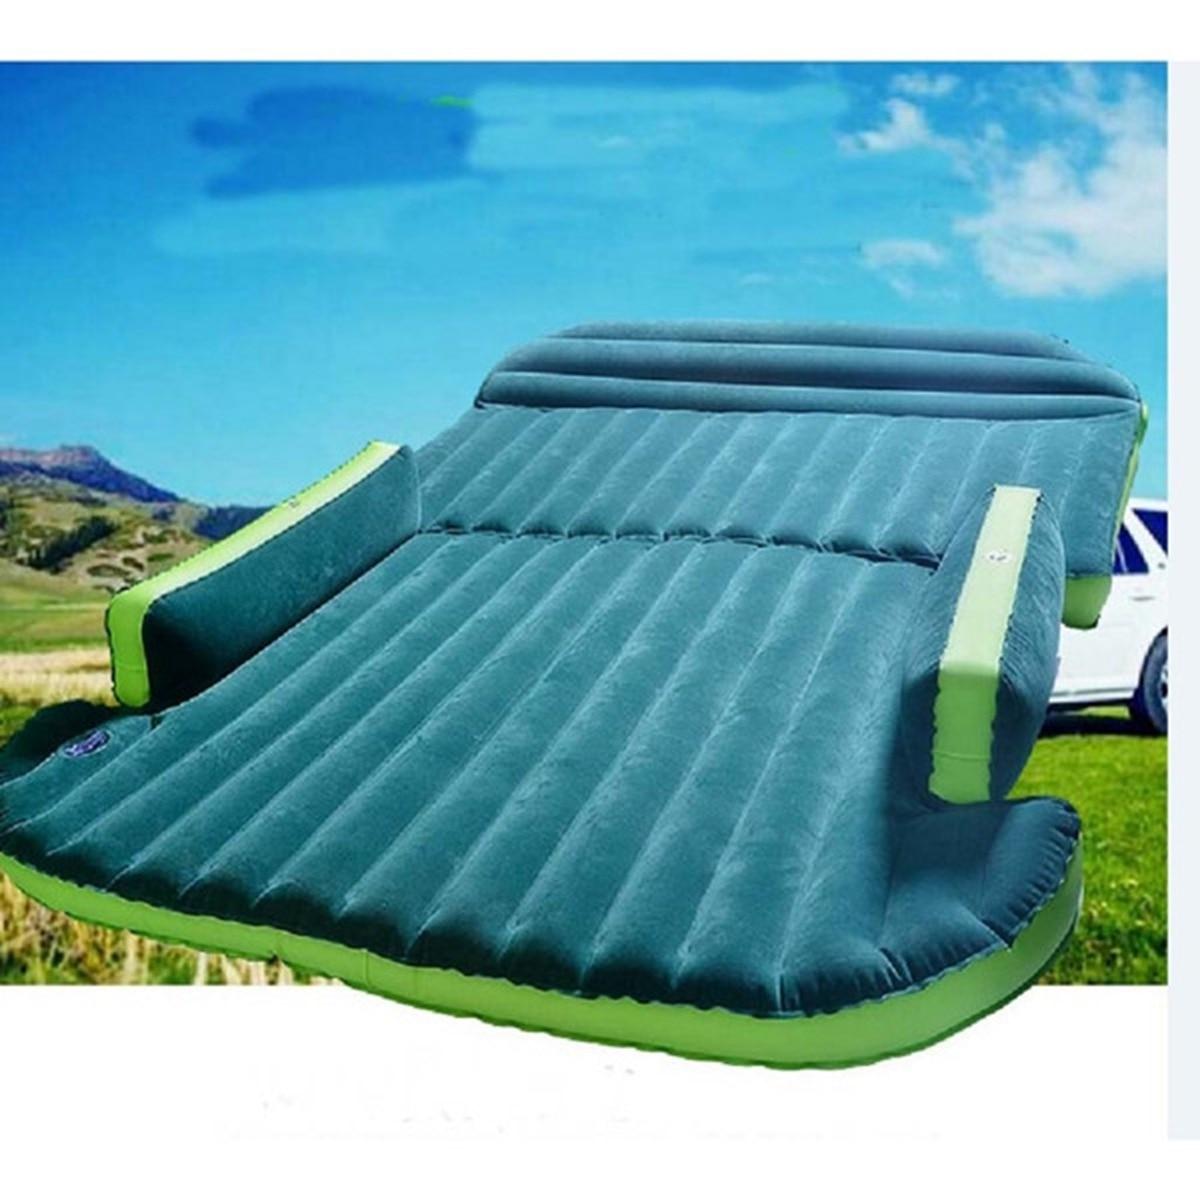 Автомобиль надувной матрас-сиденье путешествия кровать подушка кровати диван с насосом Кемпинг влагостойкие панели открытый для внедорож...